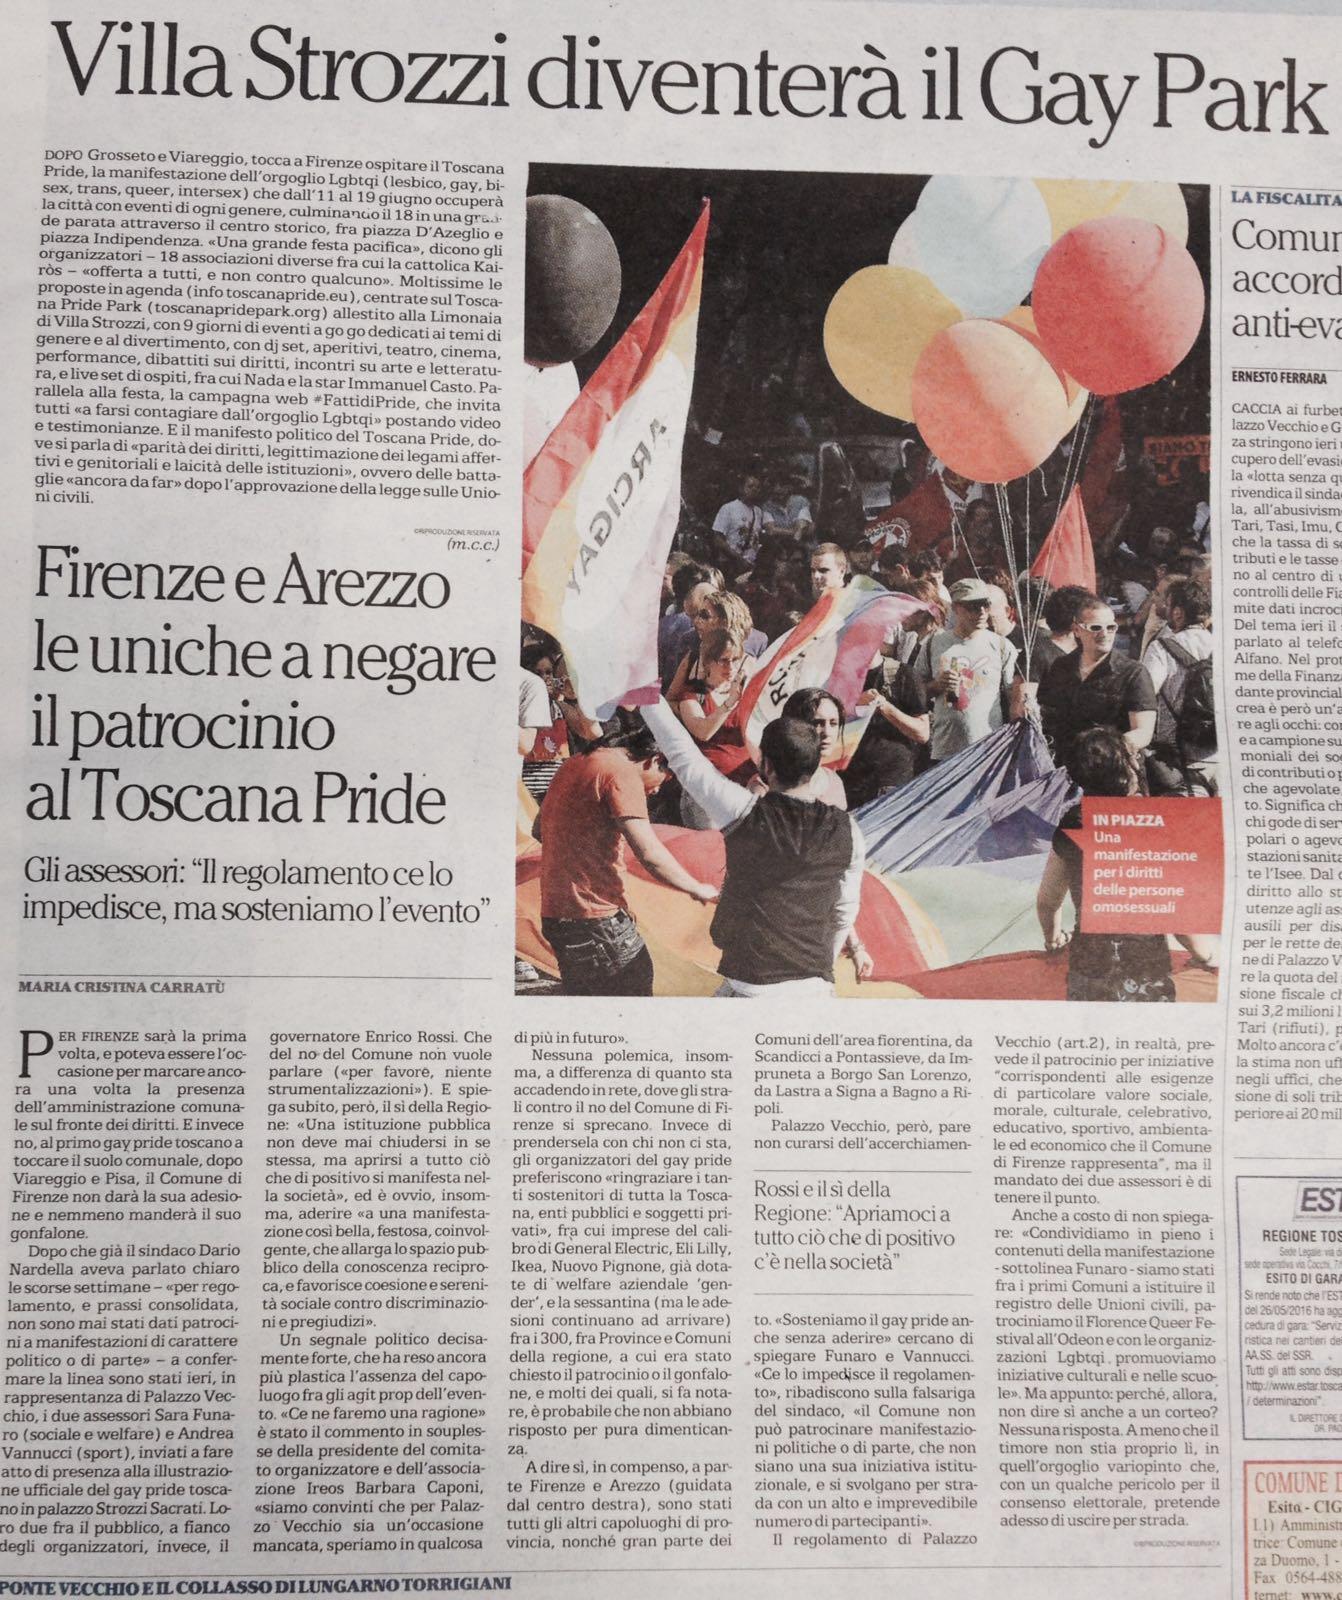 repubblica_8giugno2016 villa strozzi diventa gay park